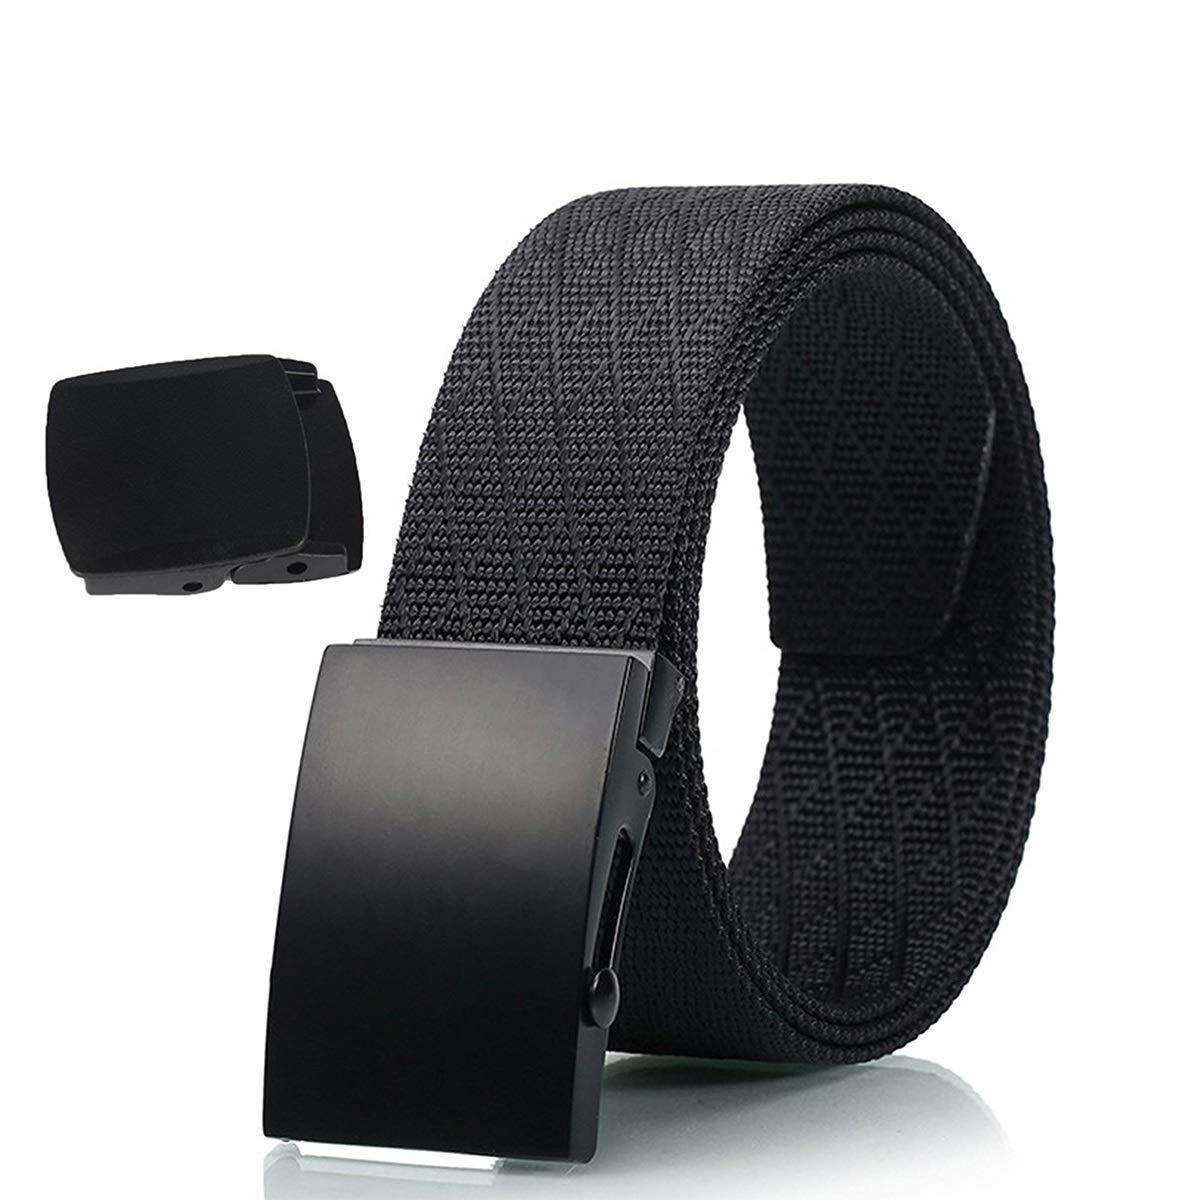 aperil Cintura tattica - Resistente e confortevole e completamente regolabile - Cintura di nylon casual casual Cintura di sicurezza per rigger pesante Cintura in plastica YKK